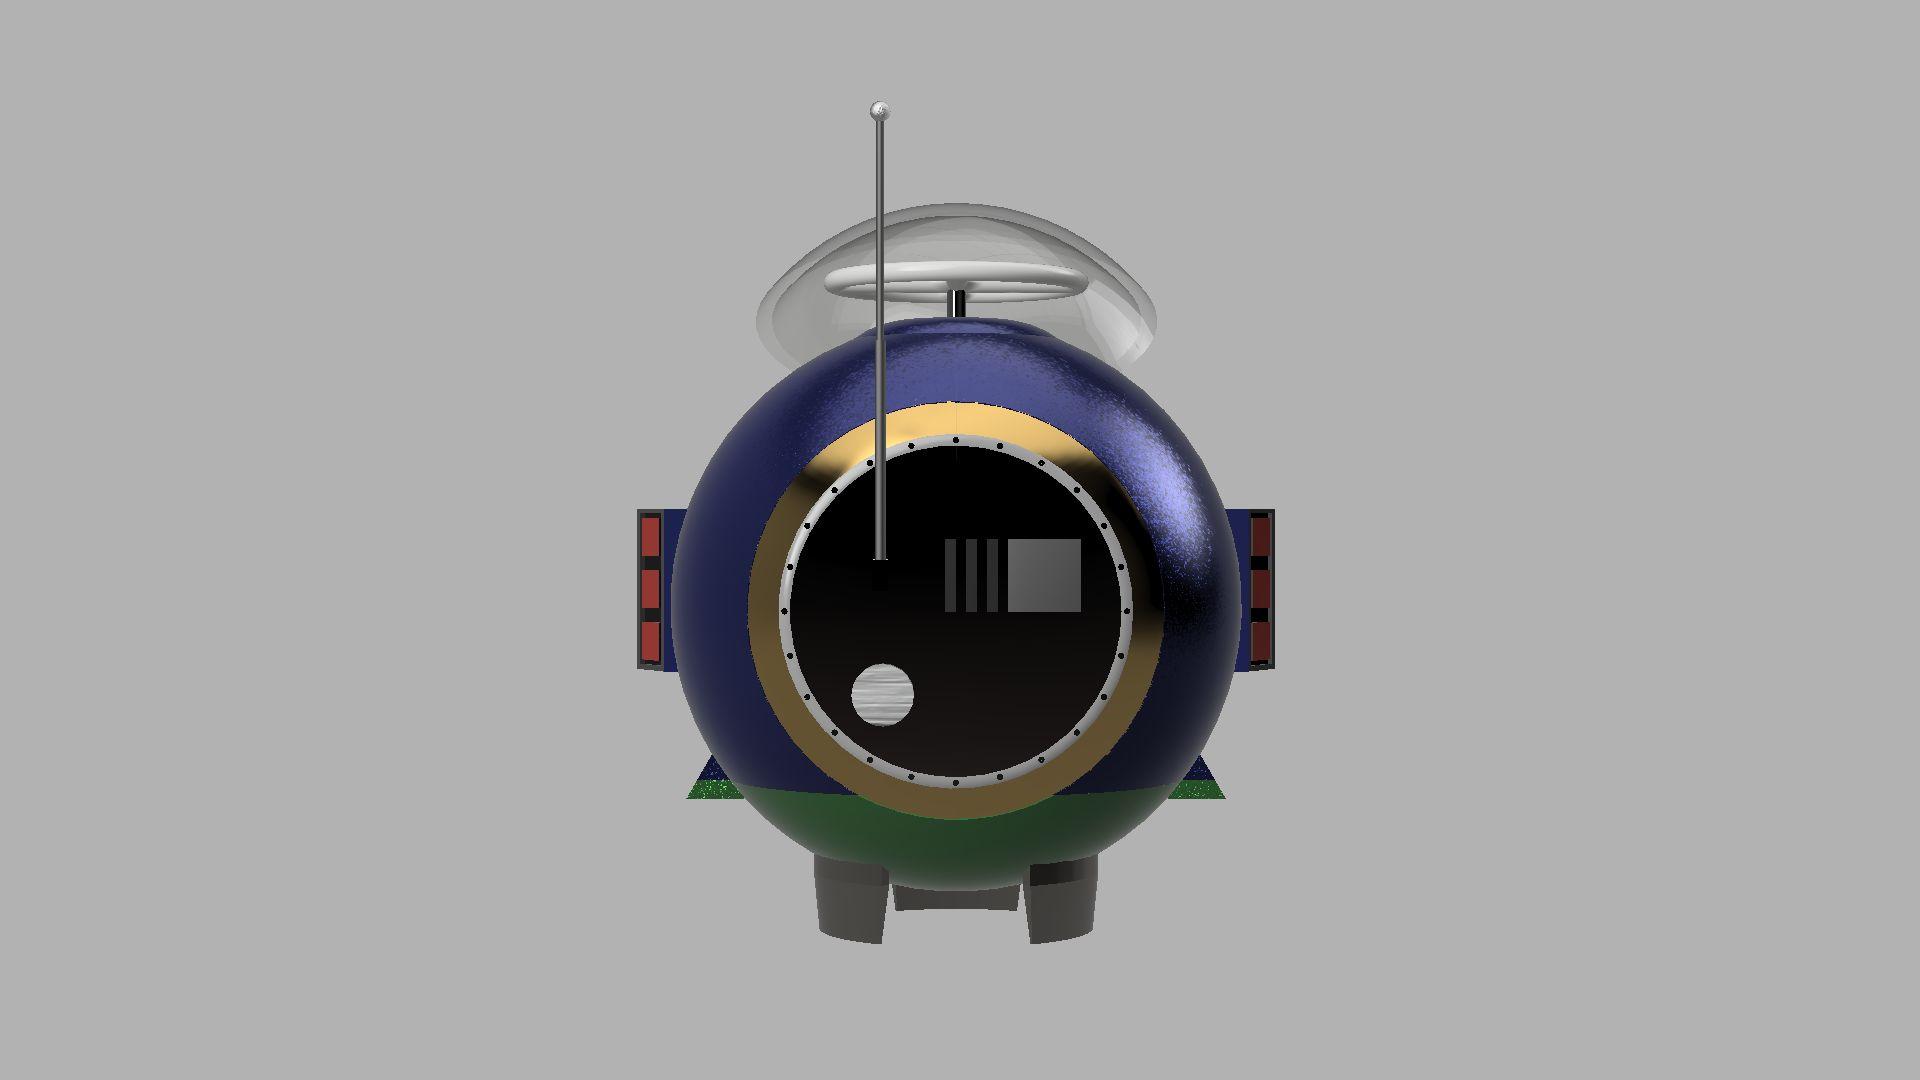 Mcg-3500-3500